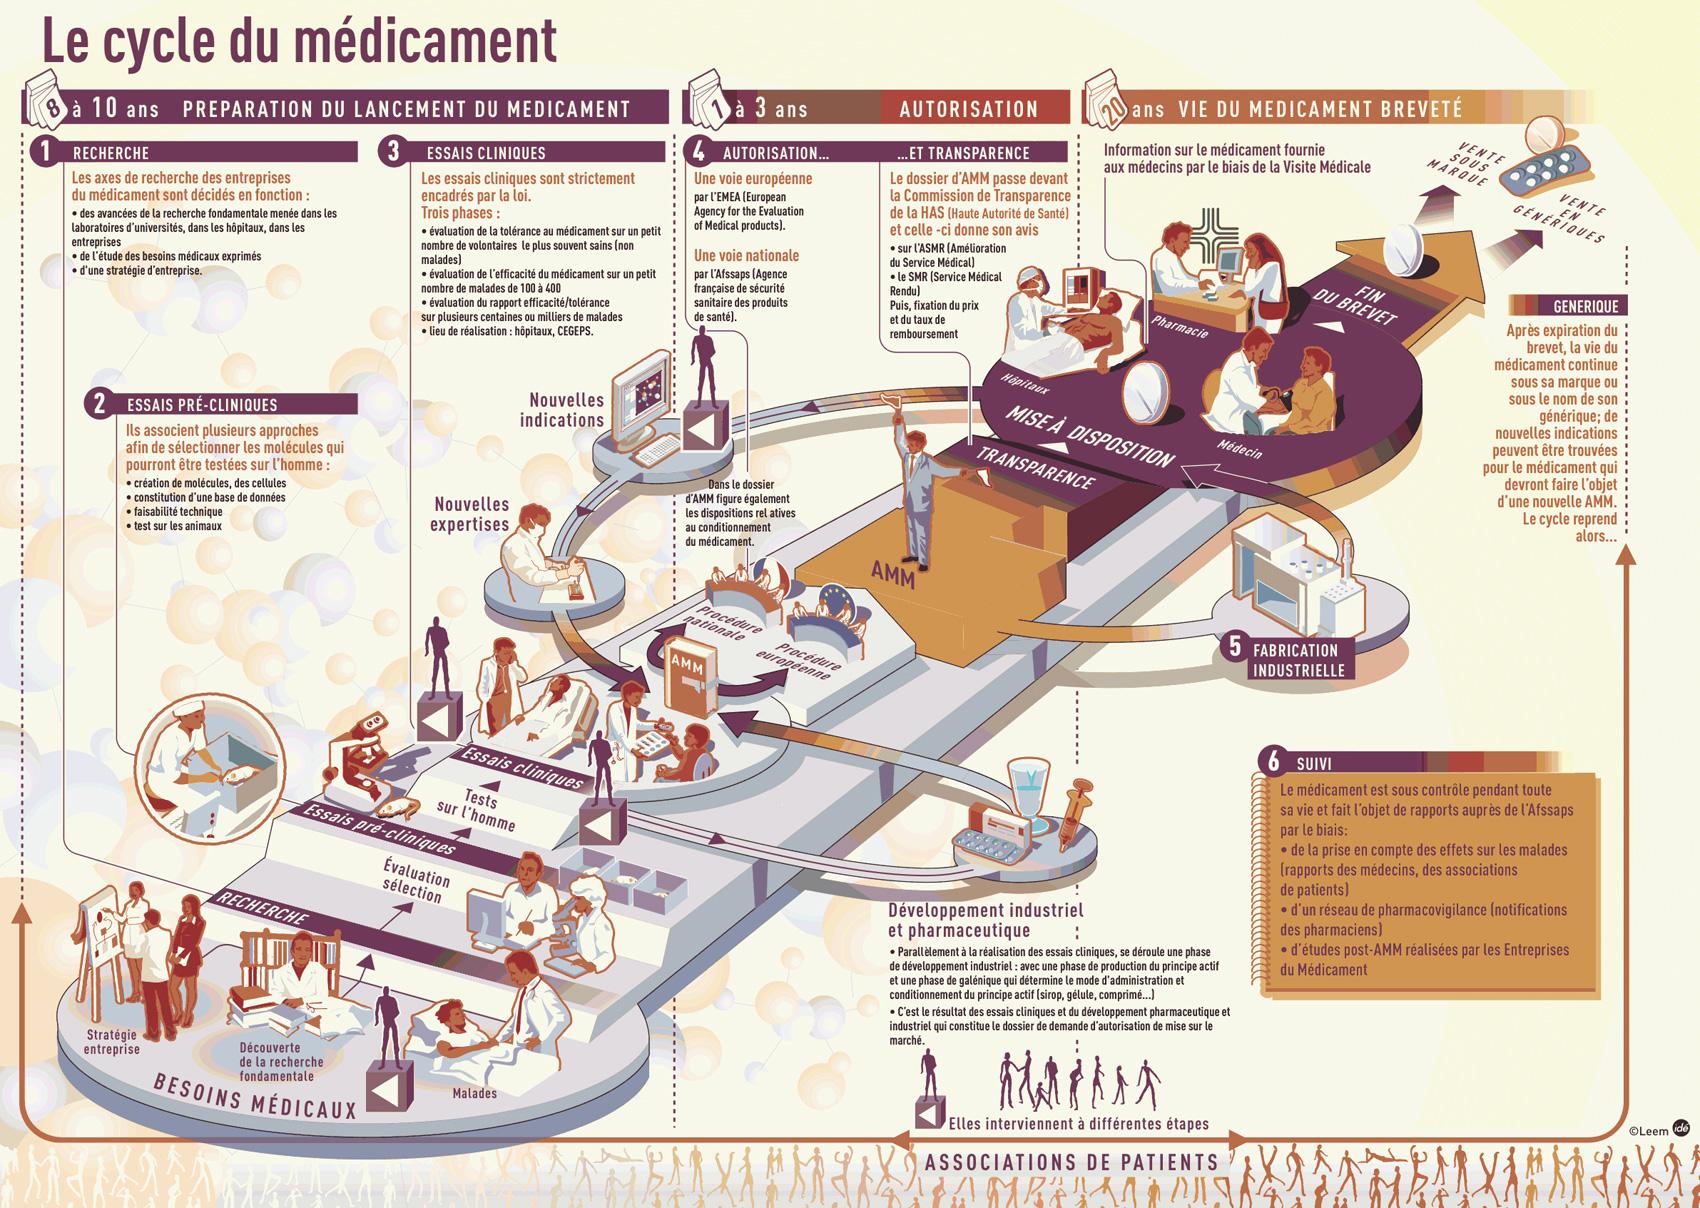 cycle du médicament « Mediator. 150 mg ». Un livre relance la polémique contre un laboratoire pharmaceutique